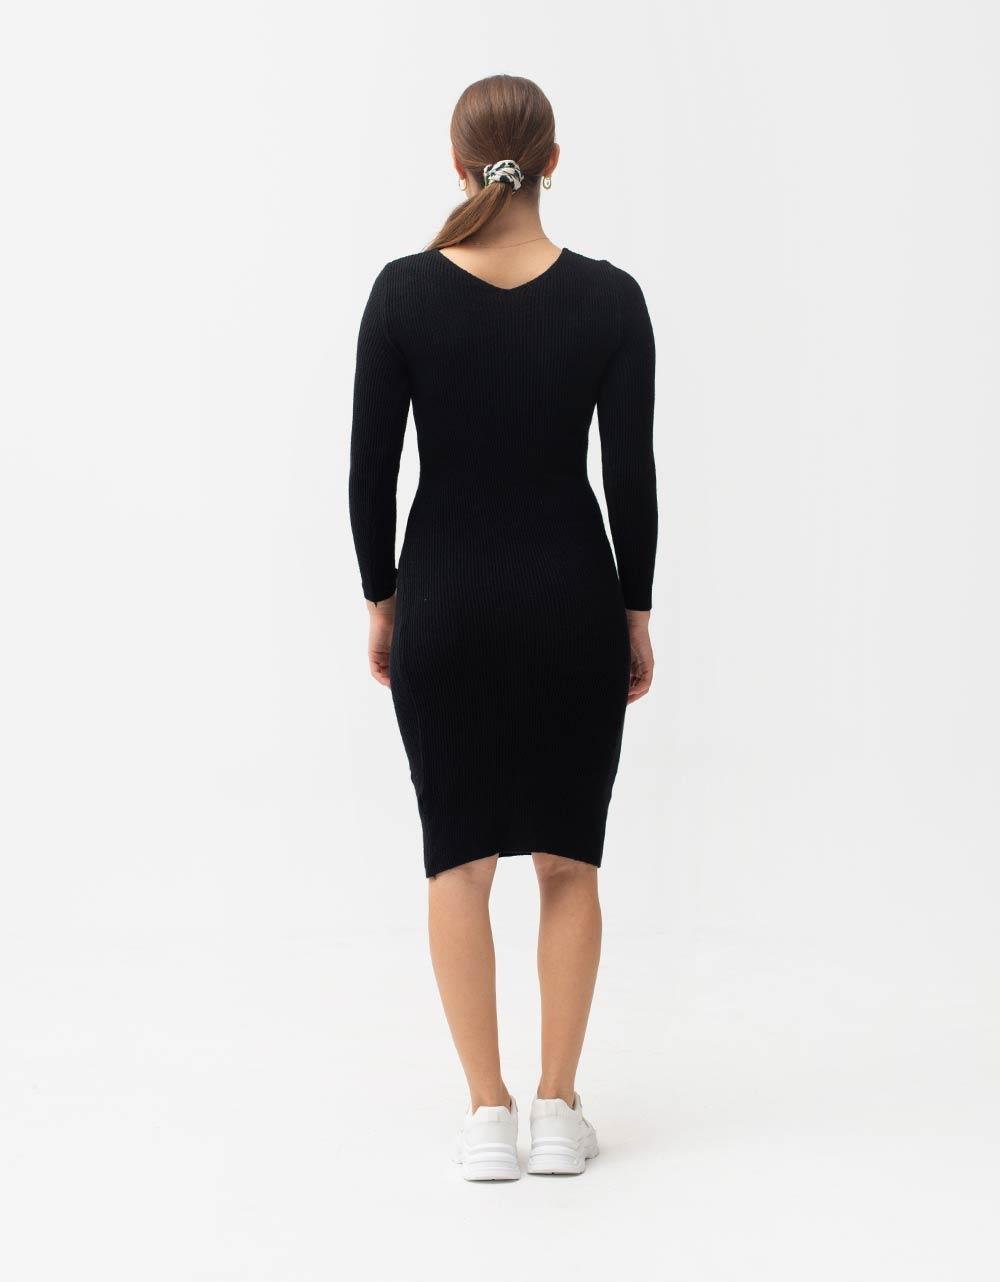 Εικόνα από Γυναικείο φόρεμα σε στενή γραμμή μίντι Μαύρο